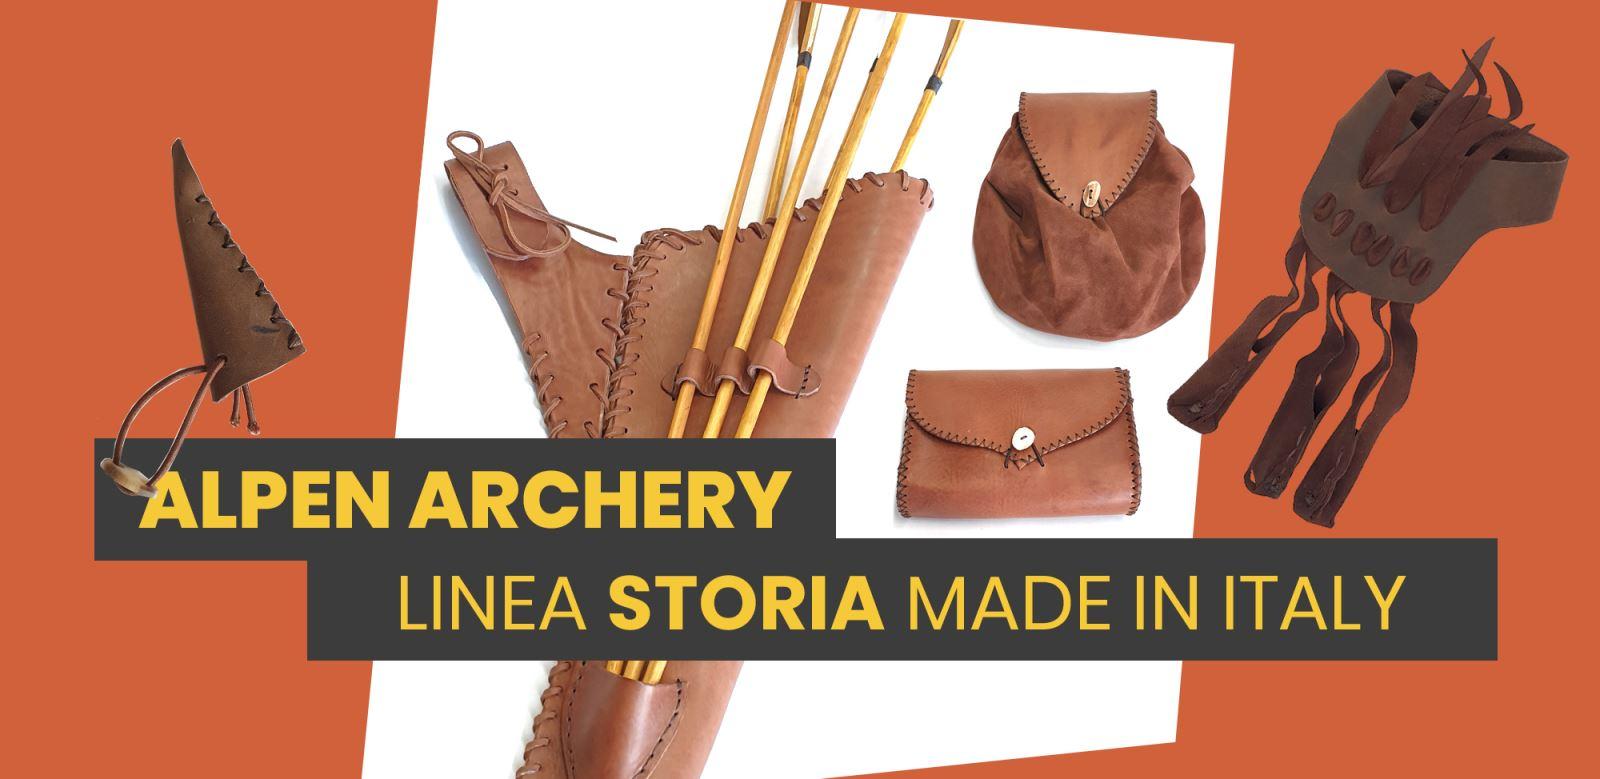 Alpen Archery Faretra Tradizionale ed accessori Storia